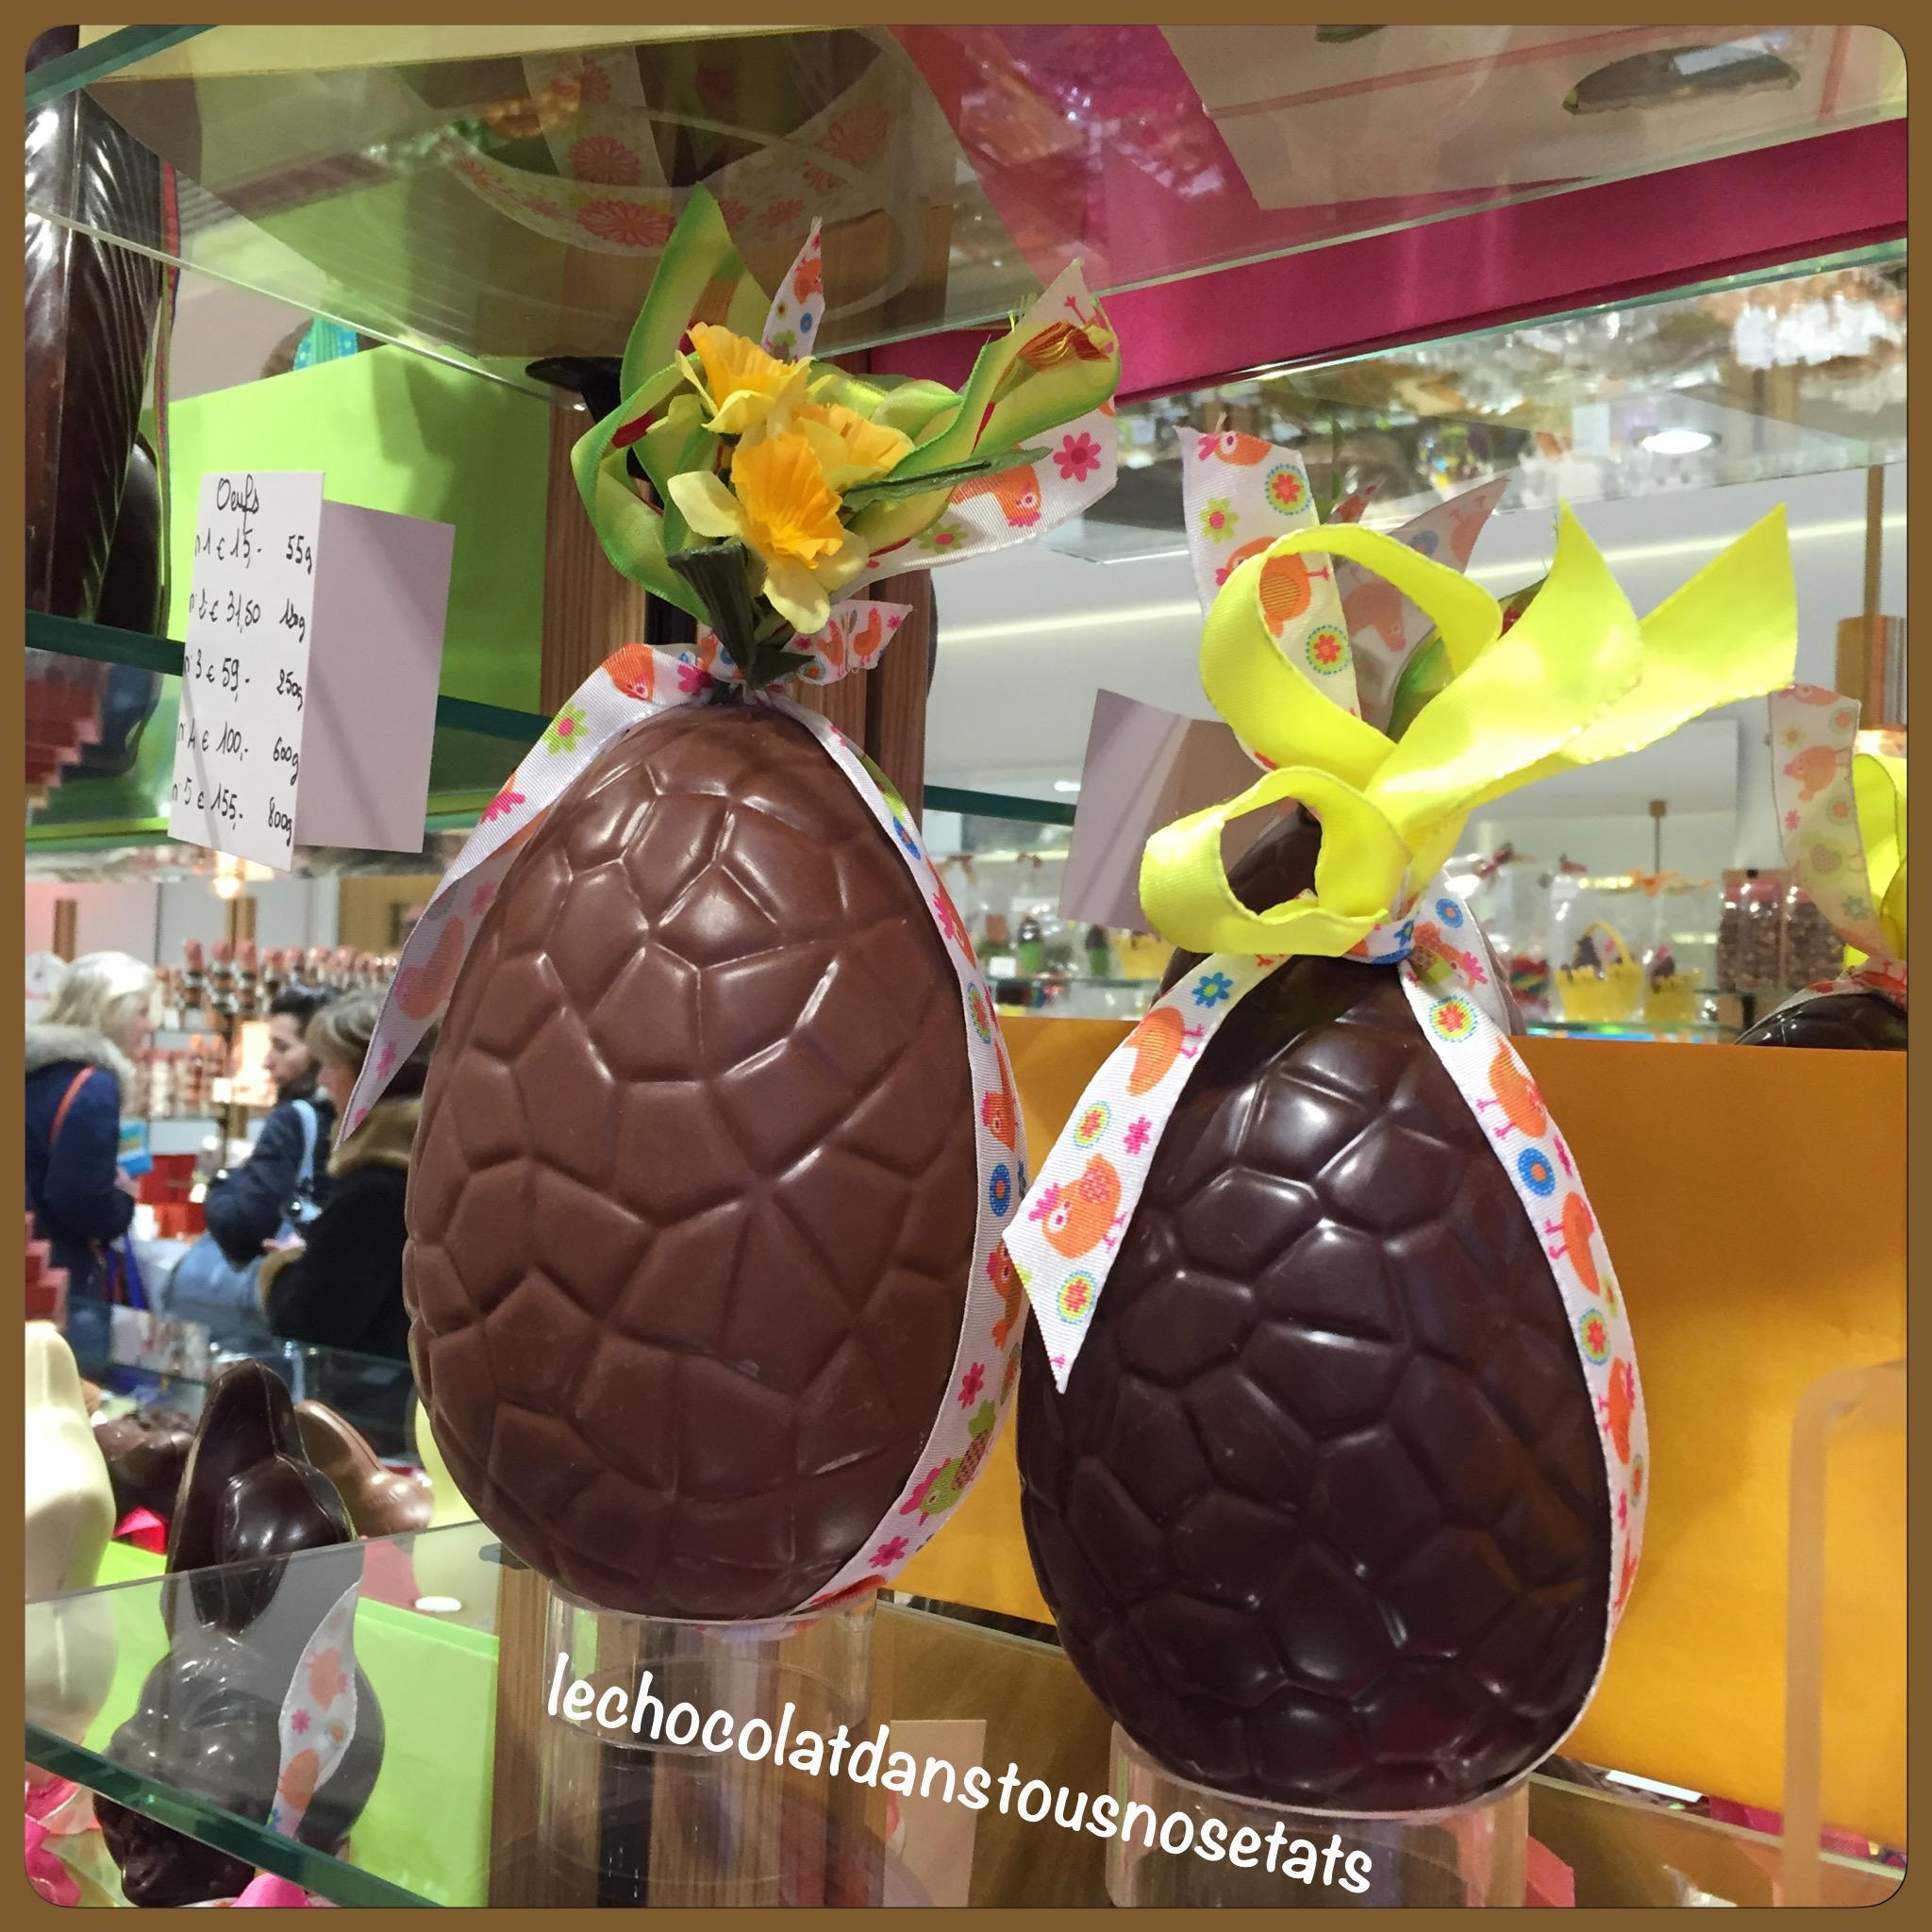 Pâques à la piscine, REGIS chocolatier et MOLITOR, Paris